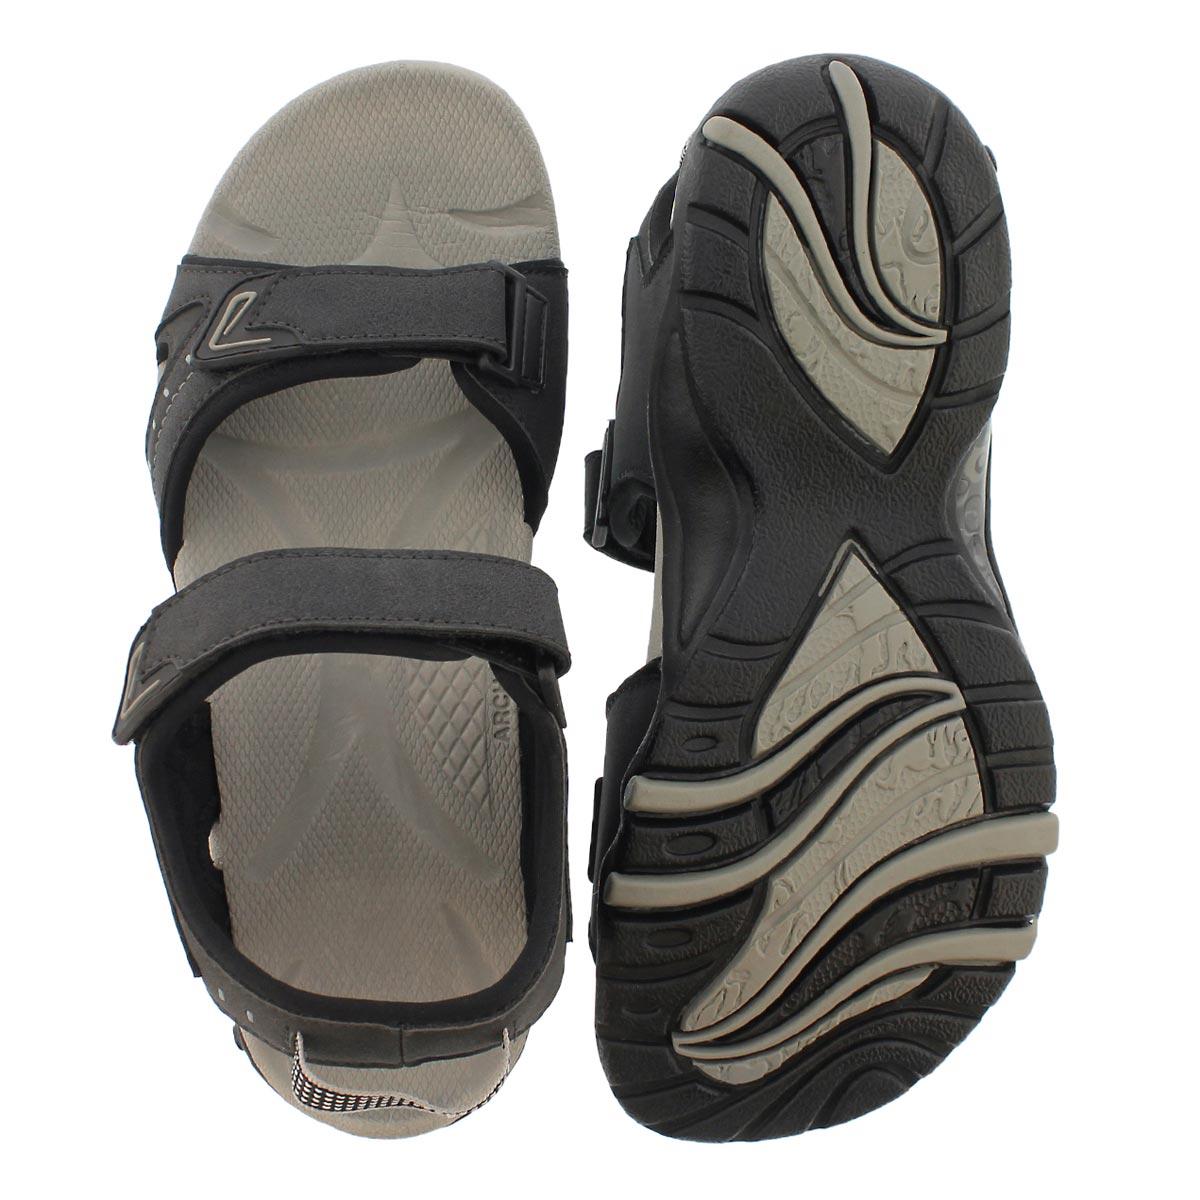 Mns Keith black 3 strap sport sandal